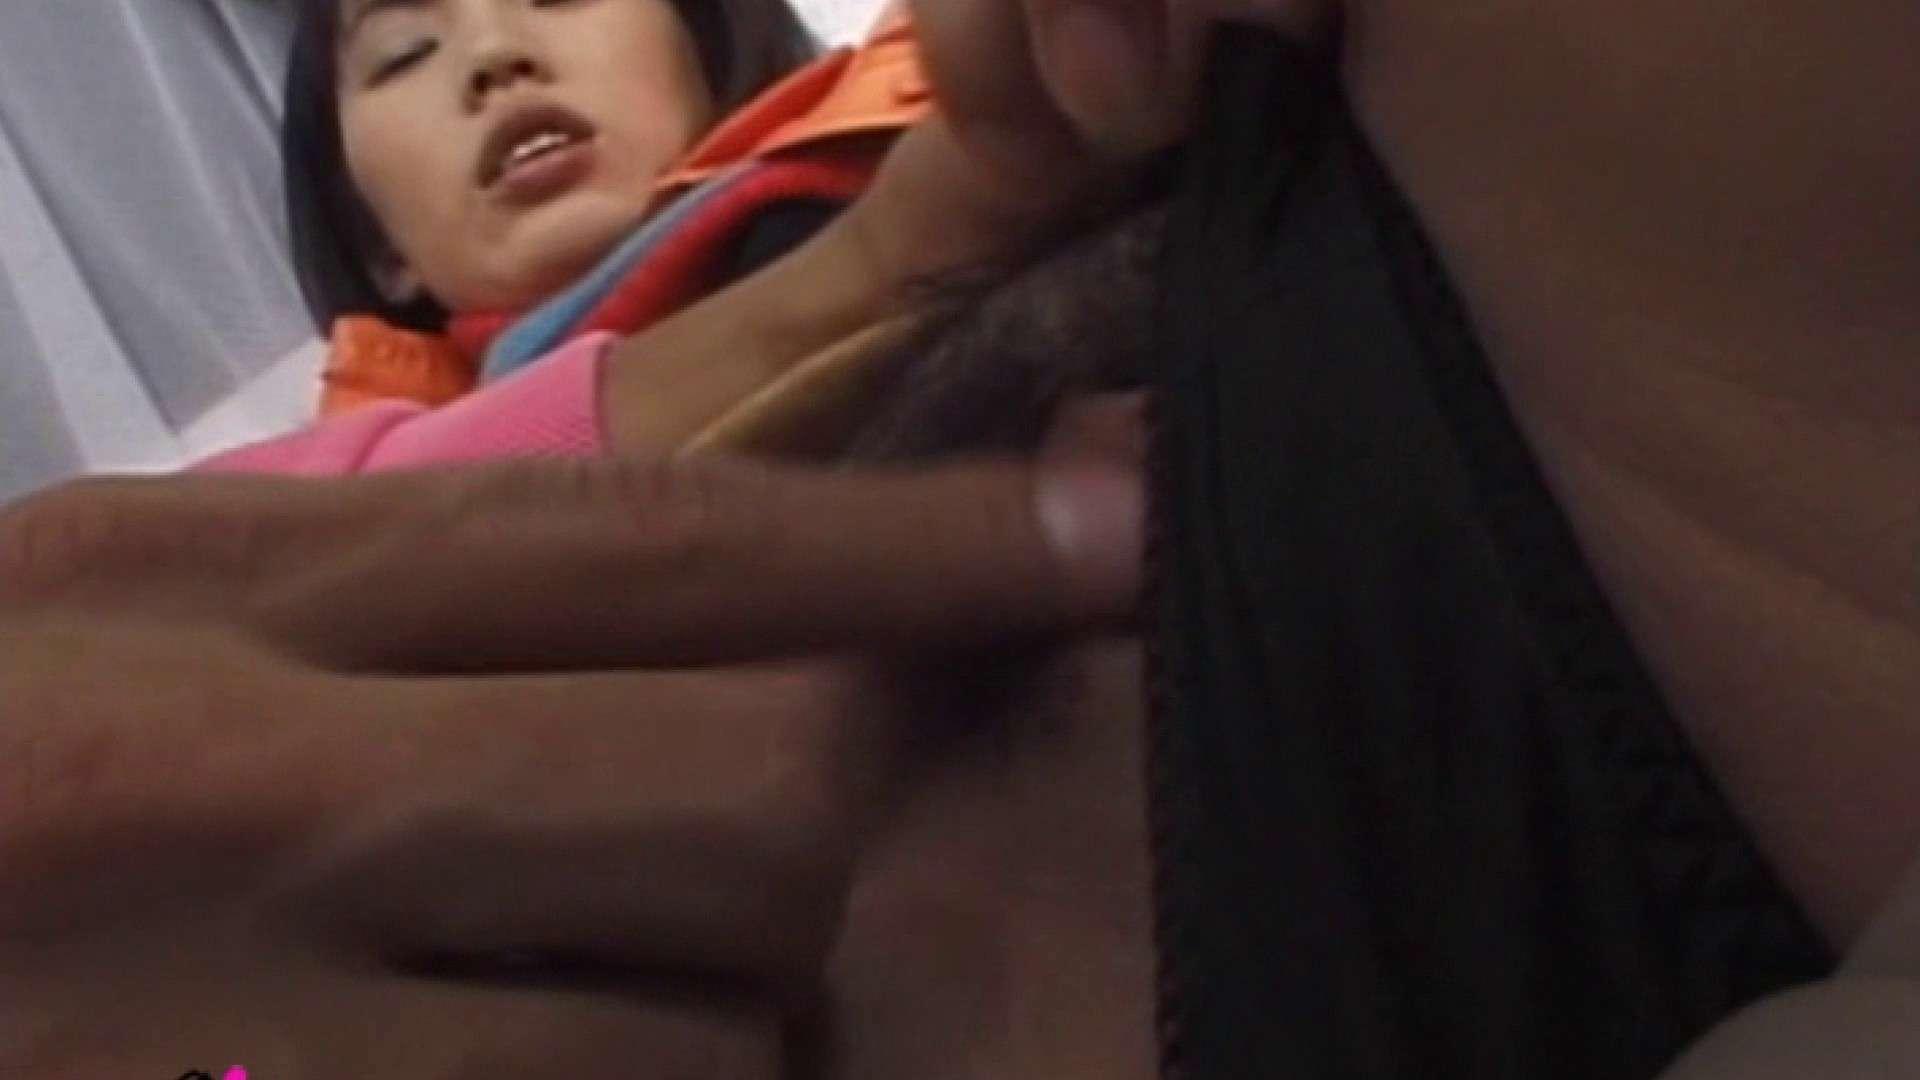 おしえてギャル子のH塾 Vol.42前編 フェラチオ映像 女性器鑑賞 84pic 45